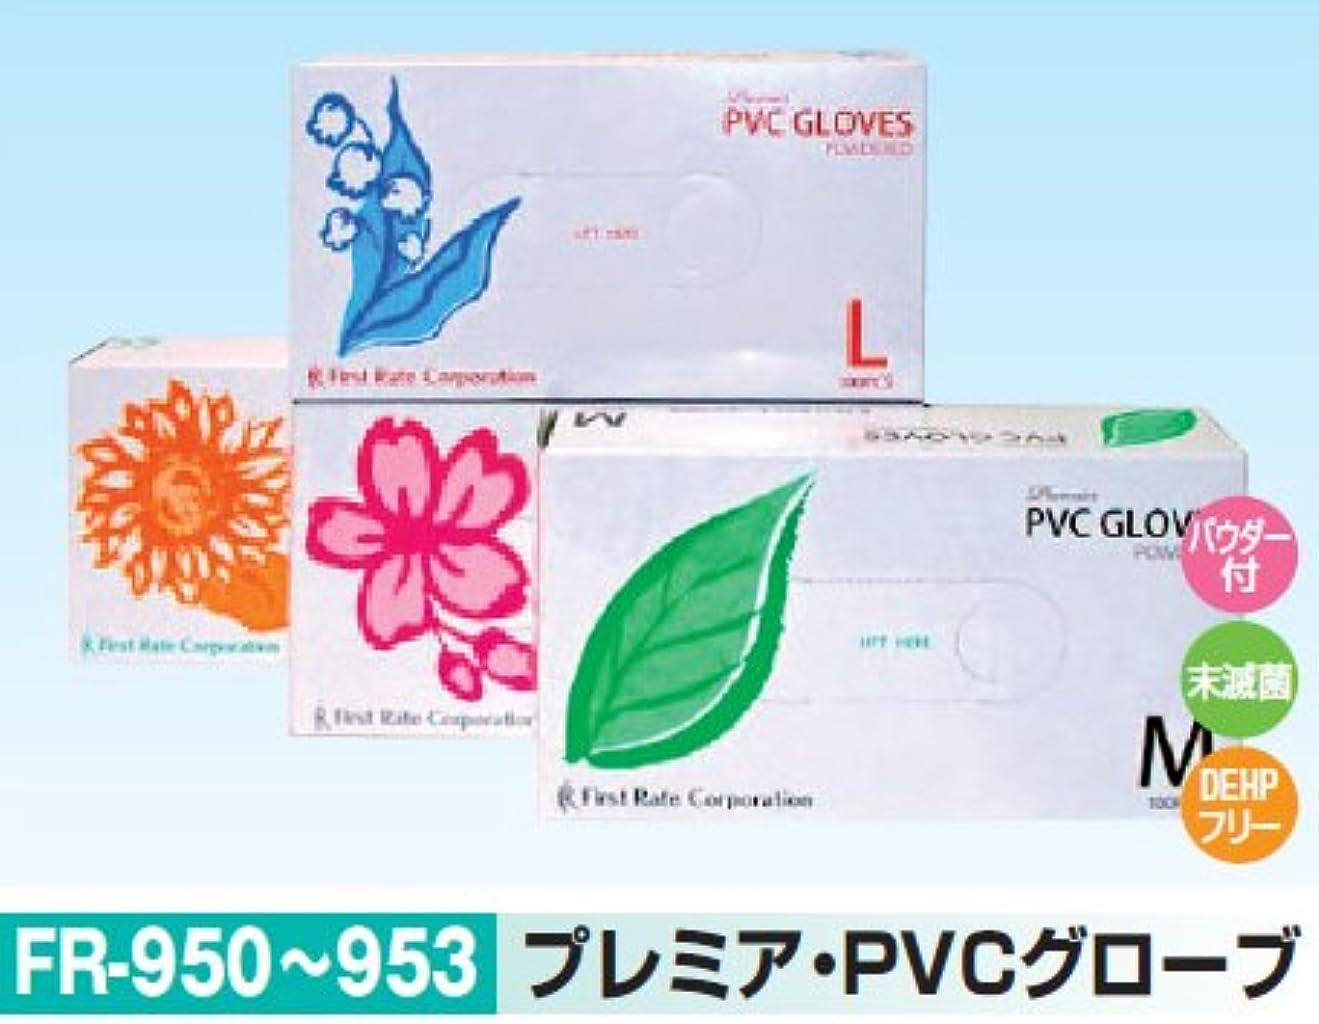 パーティーメーターシリンダープレミア?PVCグローブ Sサイズ 100枚 FR-951 使い捨て手袋、パウダー付き高伸縮性プラスチックグローブ